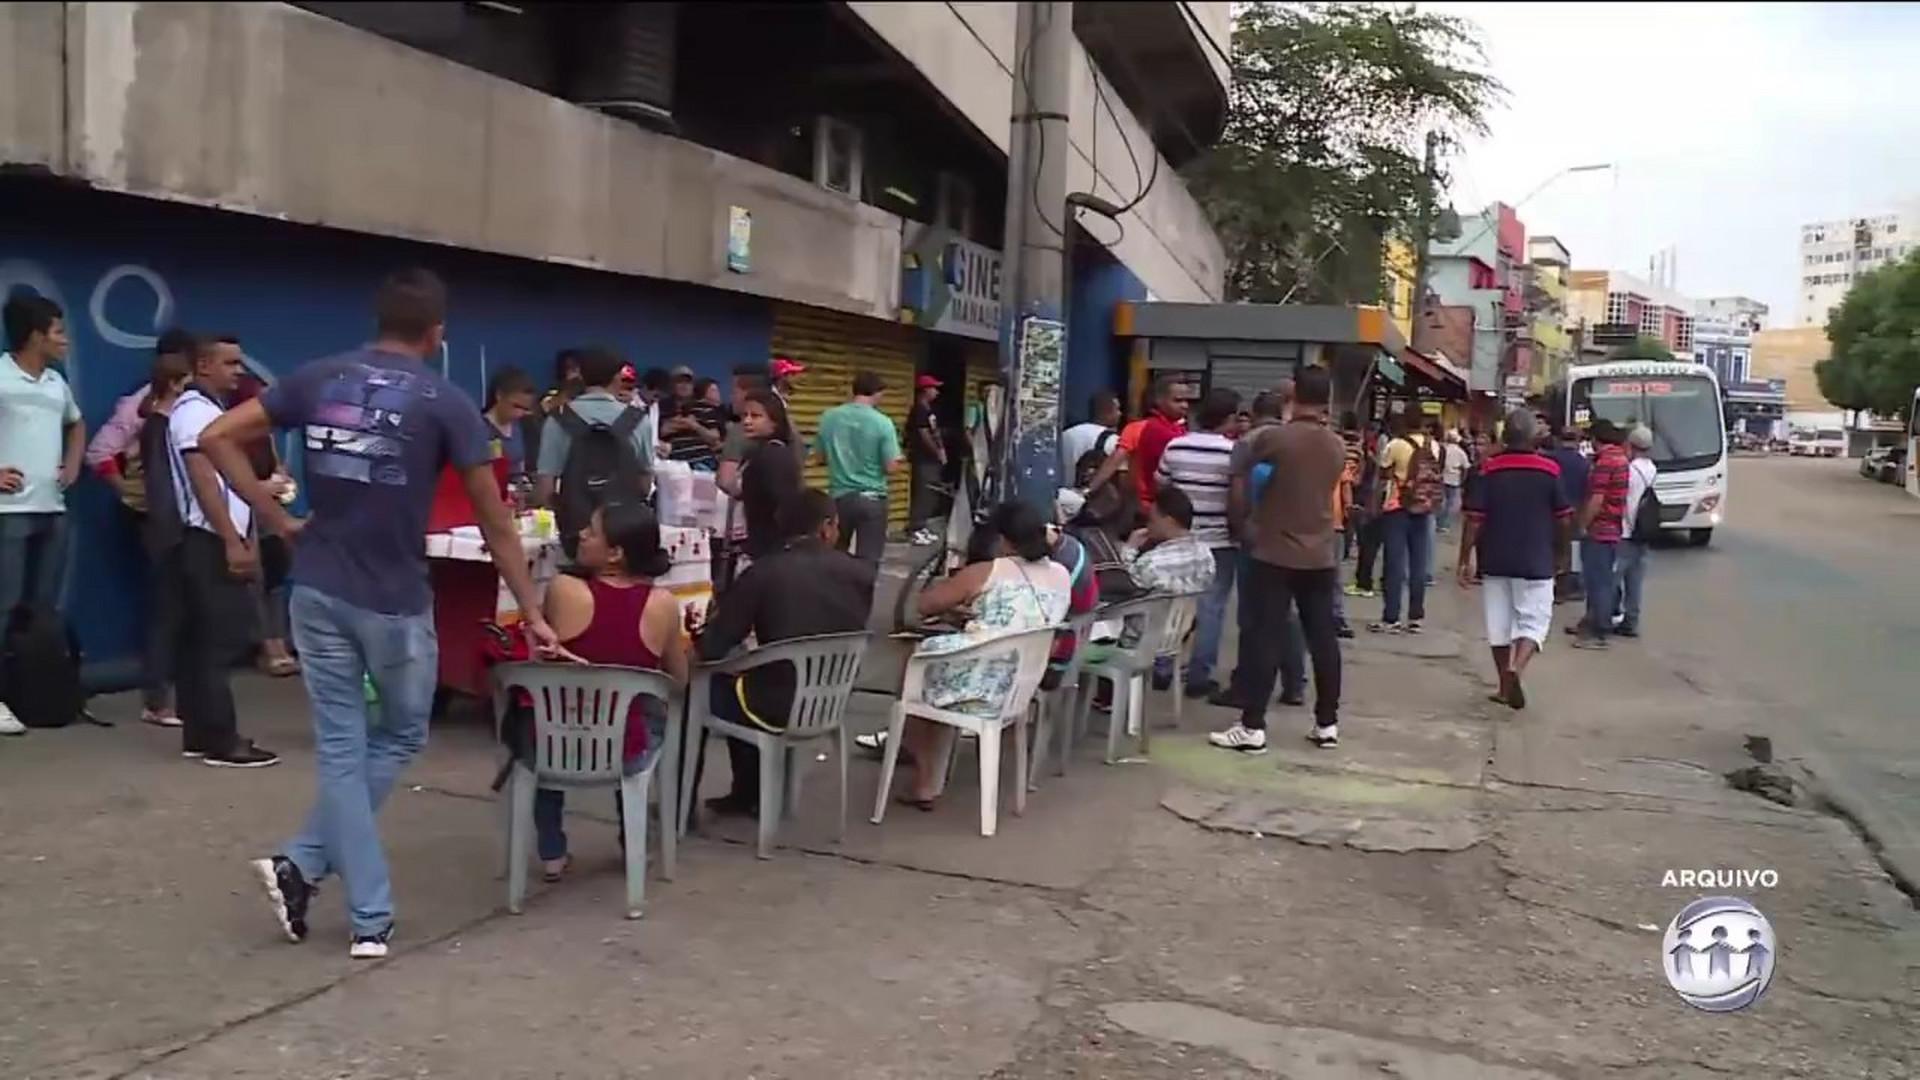 DESEMPREGO: AMAZONAS APRESENTA O SEGUNDO MAIOR NÚMERO DO PAÍS - A Crítica na TV 17/08/17